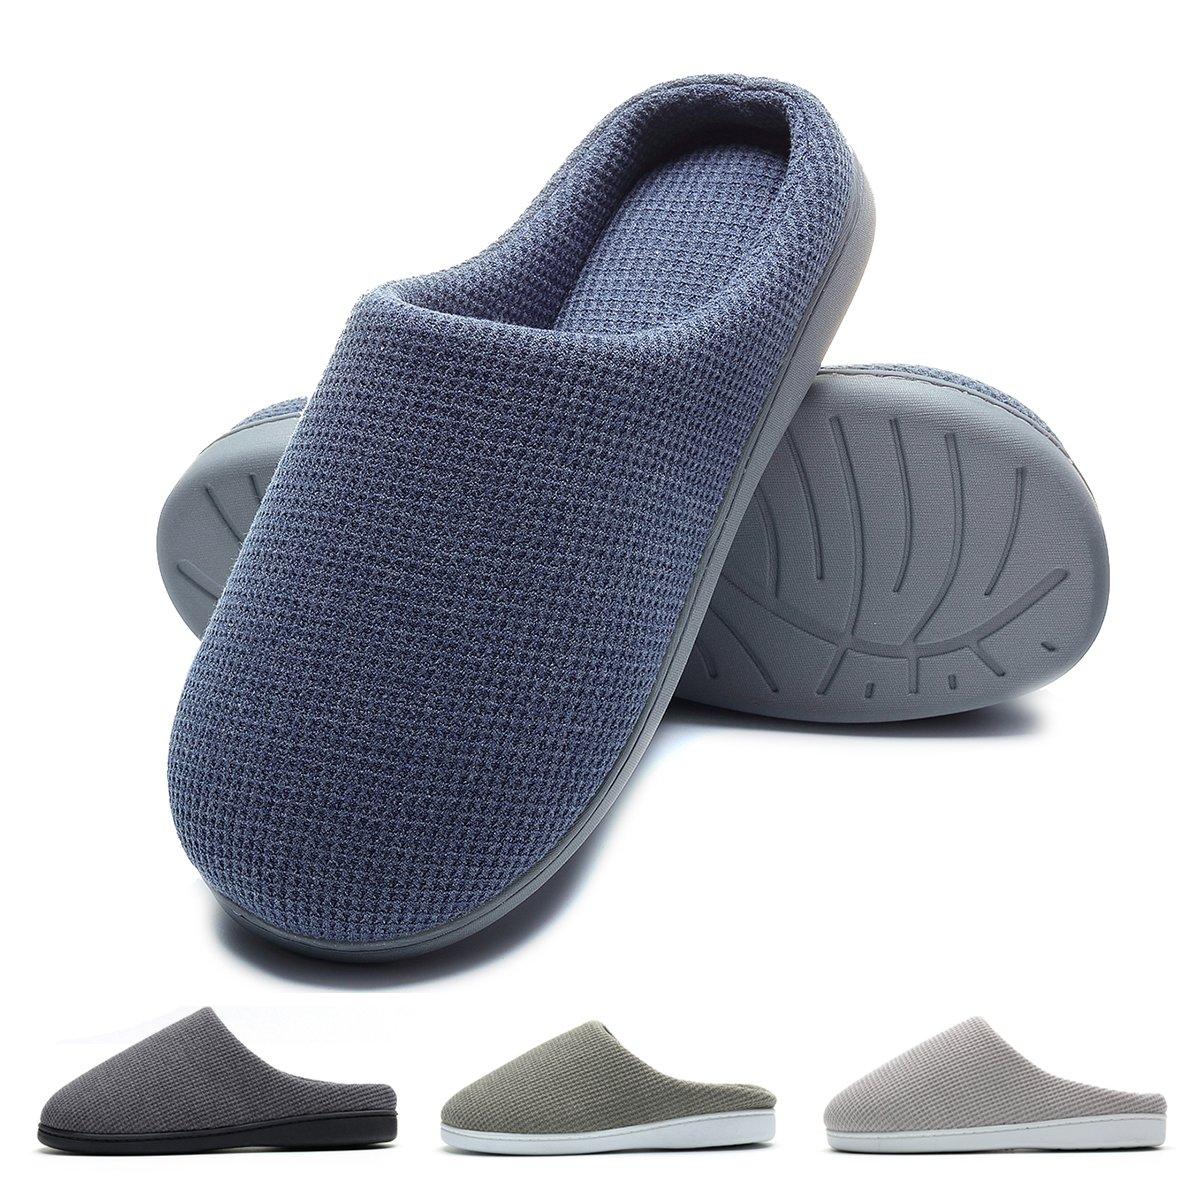 TALLA 42/43 EU X-Ancho. Zapatillas de casa de Hombre, Ultraligero cómodo y Antideslizante, Zapatilla de Estar por casa para Hombre